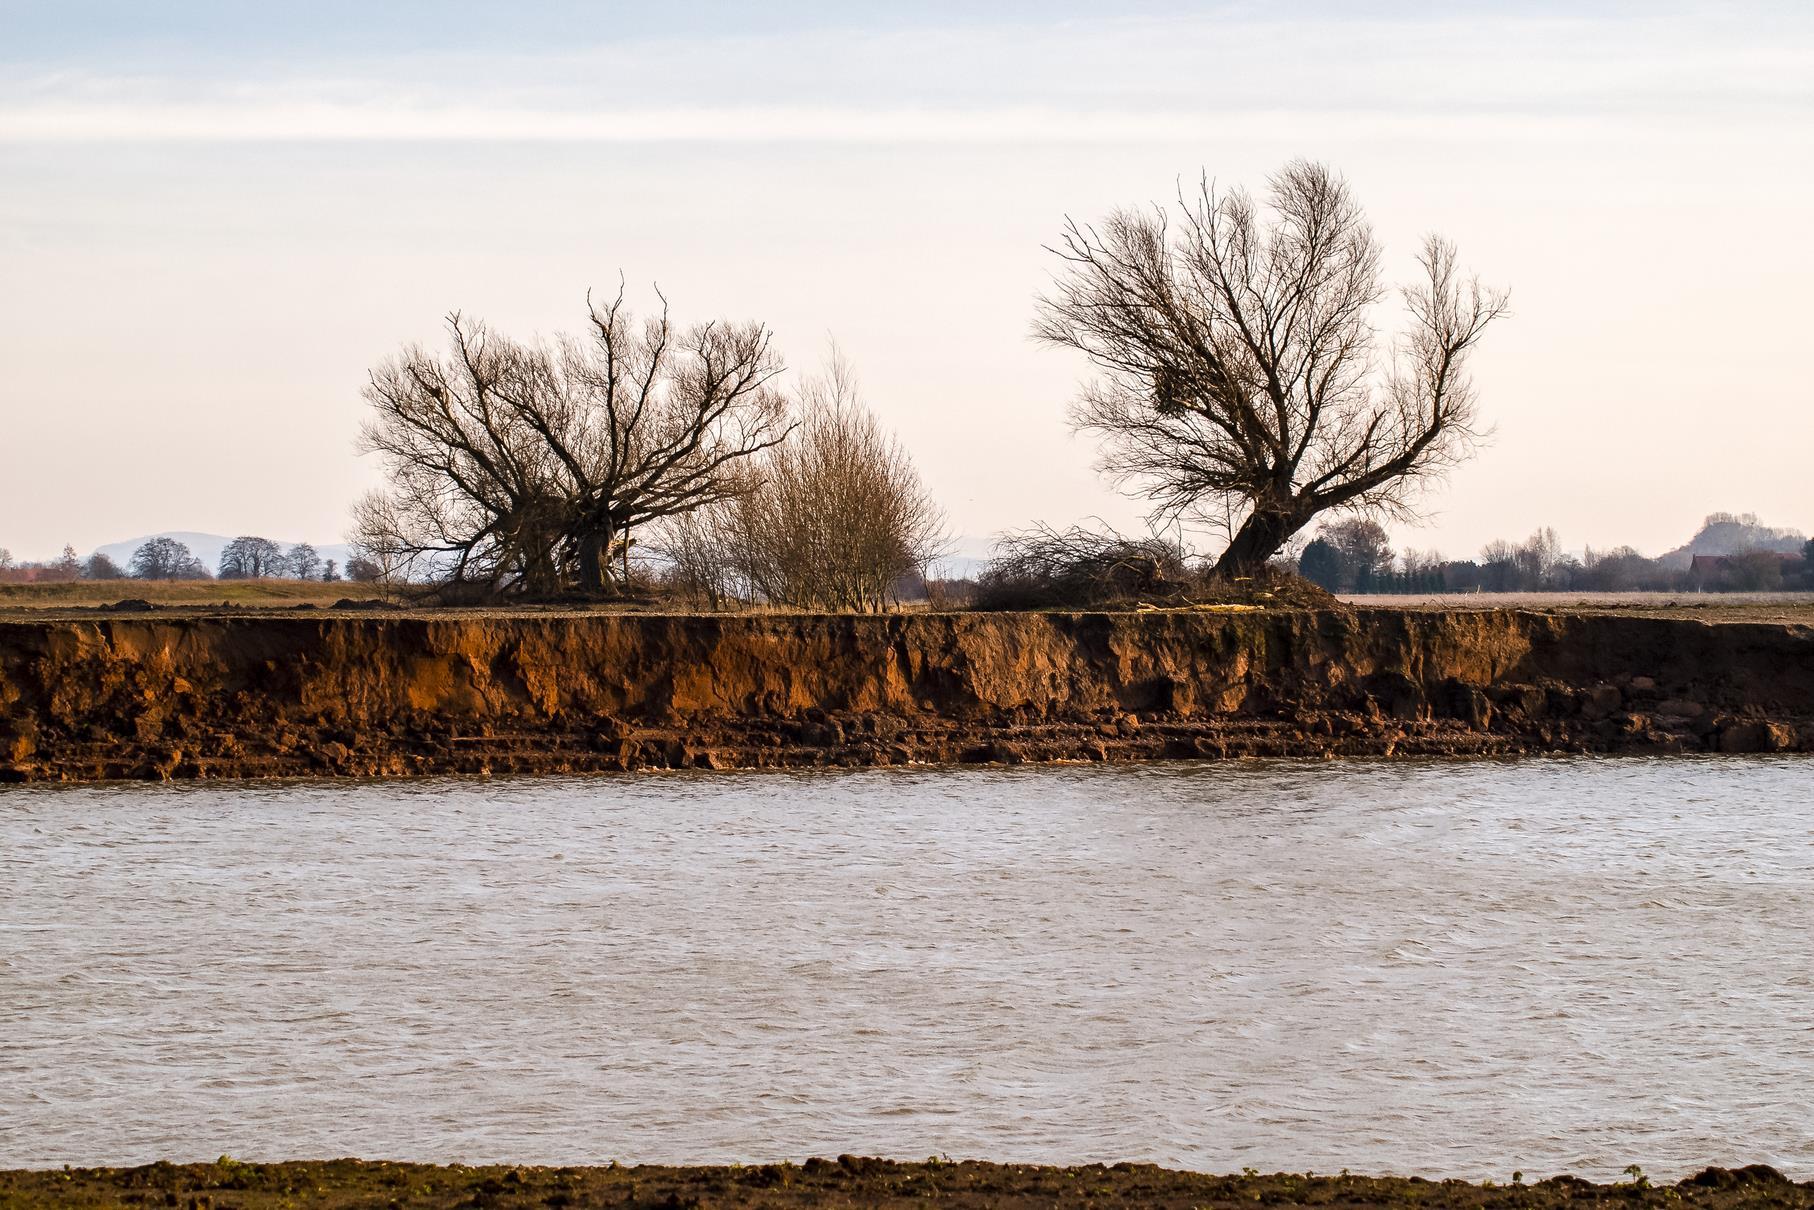 Die beiden großen Kopfweiden im westlichen Bereich mit einem Steilufer im Vordergrund, wo Uferschwalbe und Eisvogel brüten können.